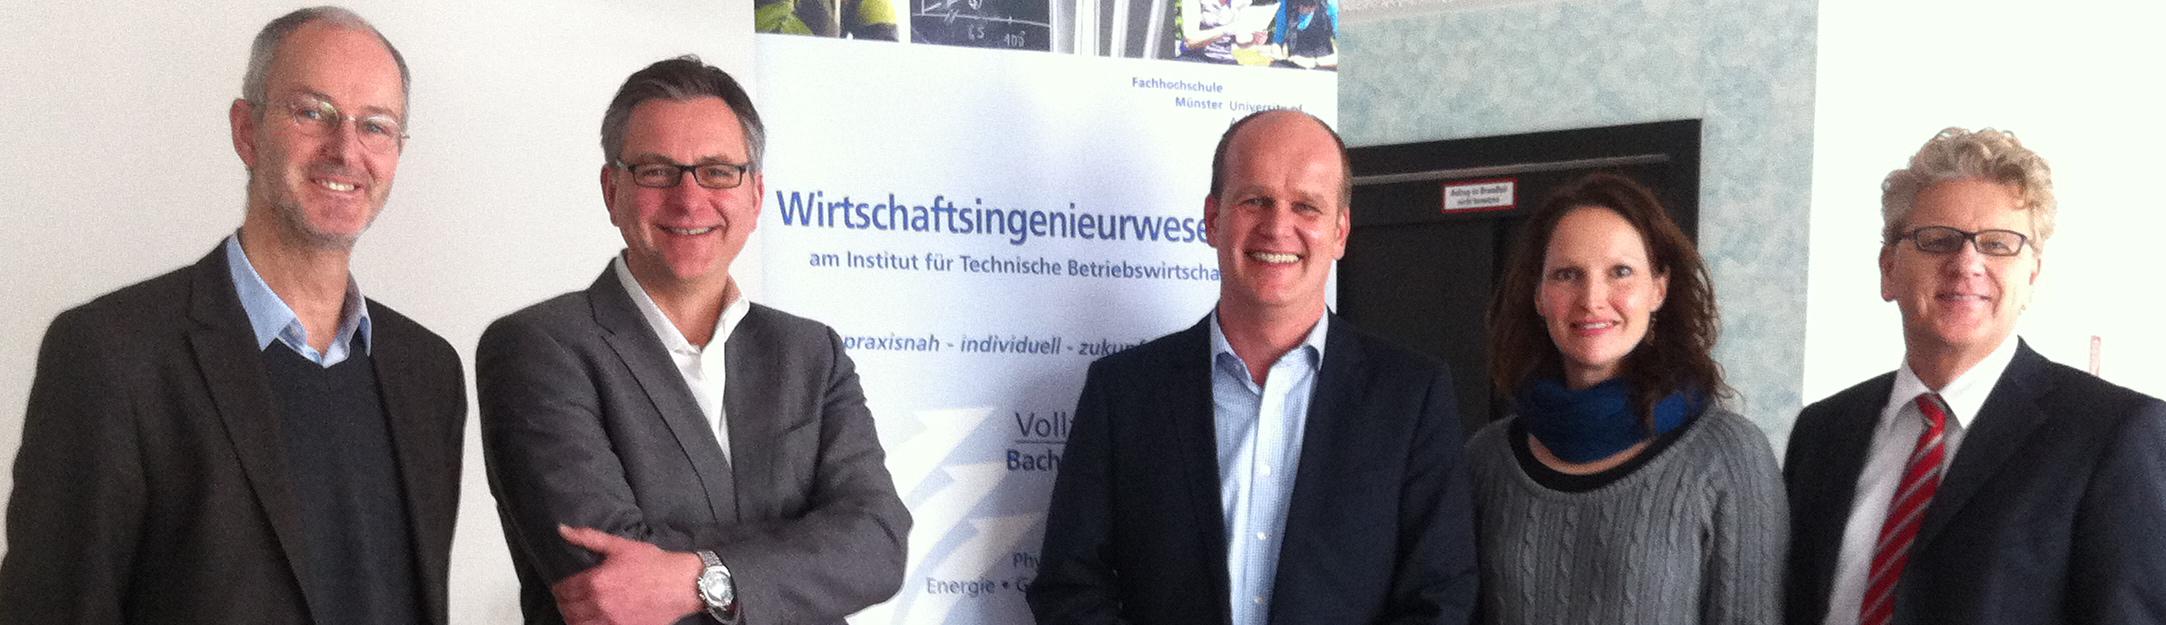 Prof. Dr. Frank Striewe, Prof. Dr. Markus G. Schwering, Susanne Föhse-Hiltmann und Prof. Dr. Johannes Schwanitz mit Masterabsolventen